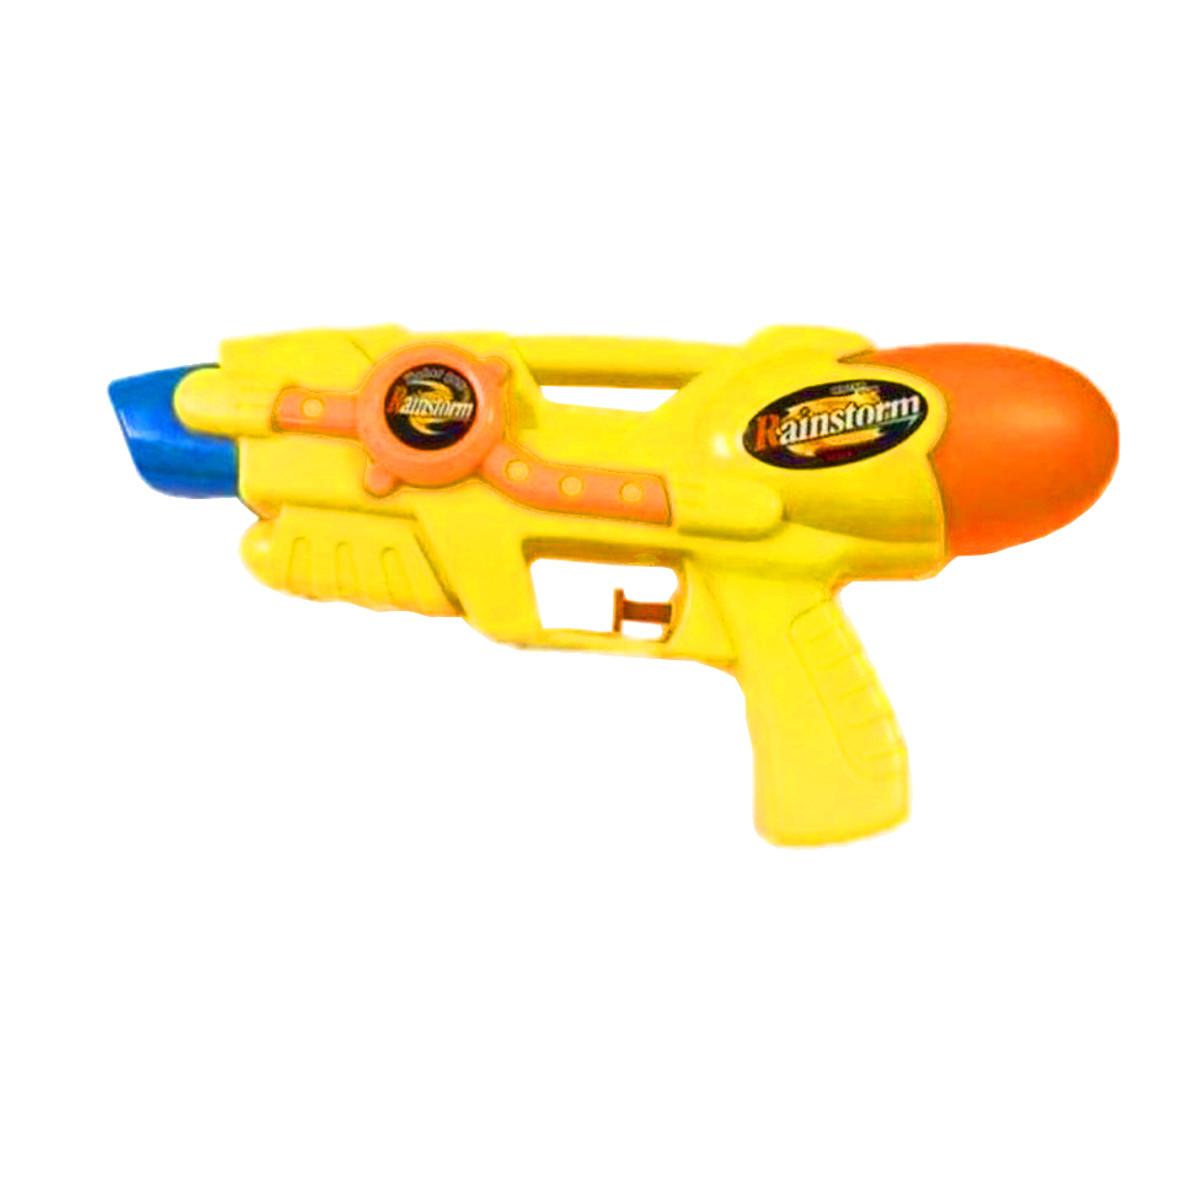 mega soaker wasserpistole bis 10 meter wasserspritze wasser